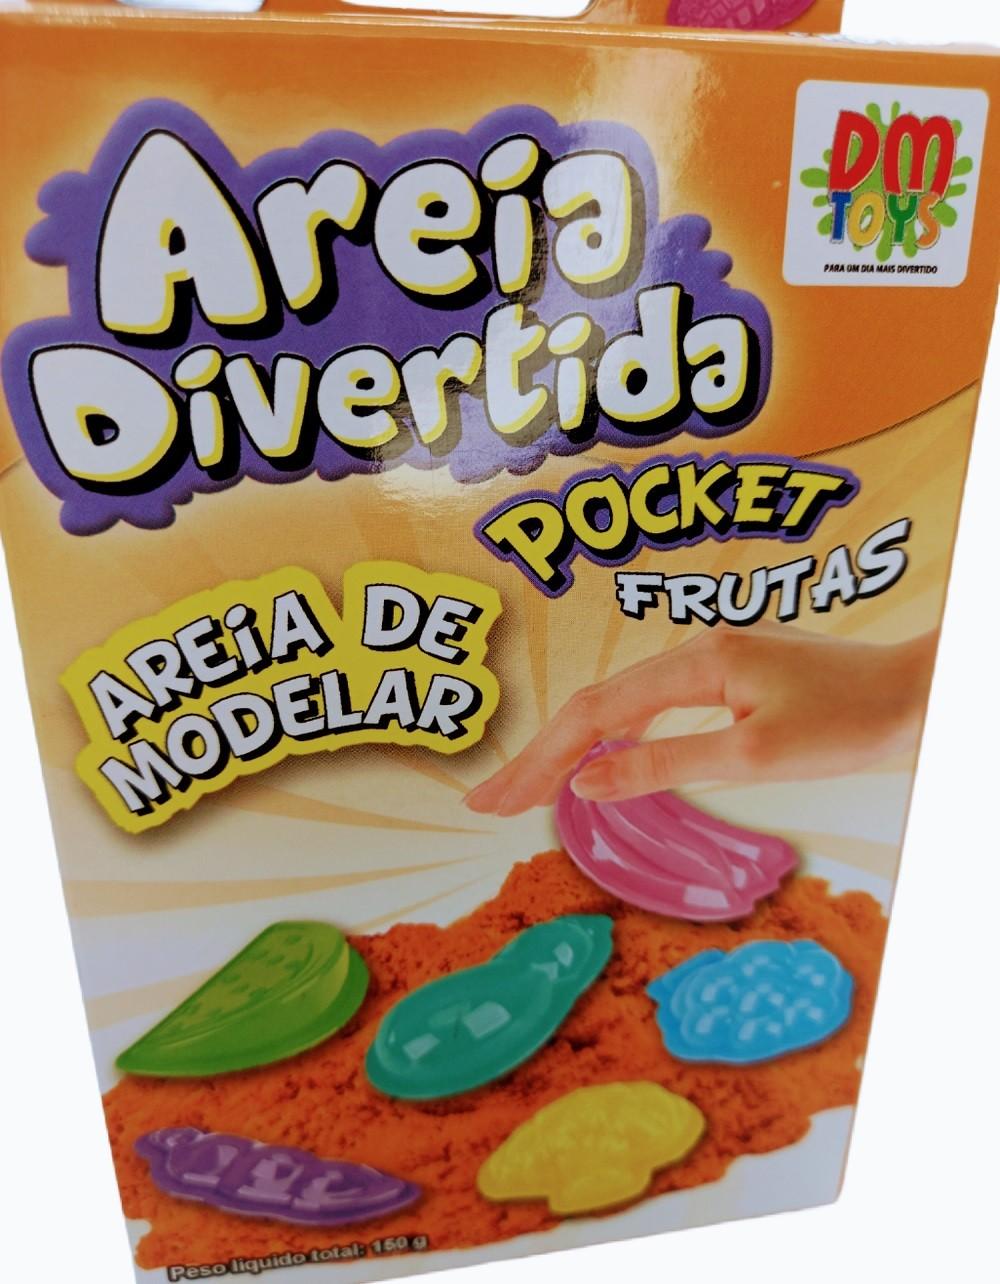 Areia de Modelar / Areia Divertida Pocket Frutas Animais 02 Unidades - DM Toys